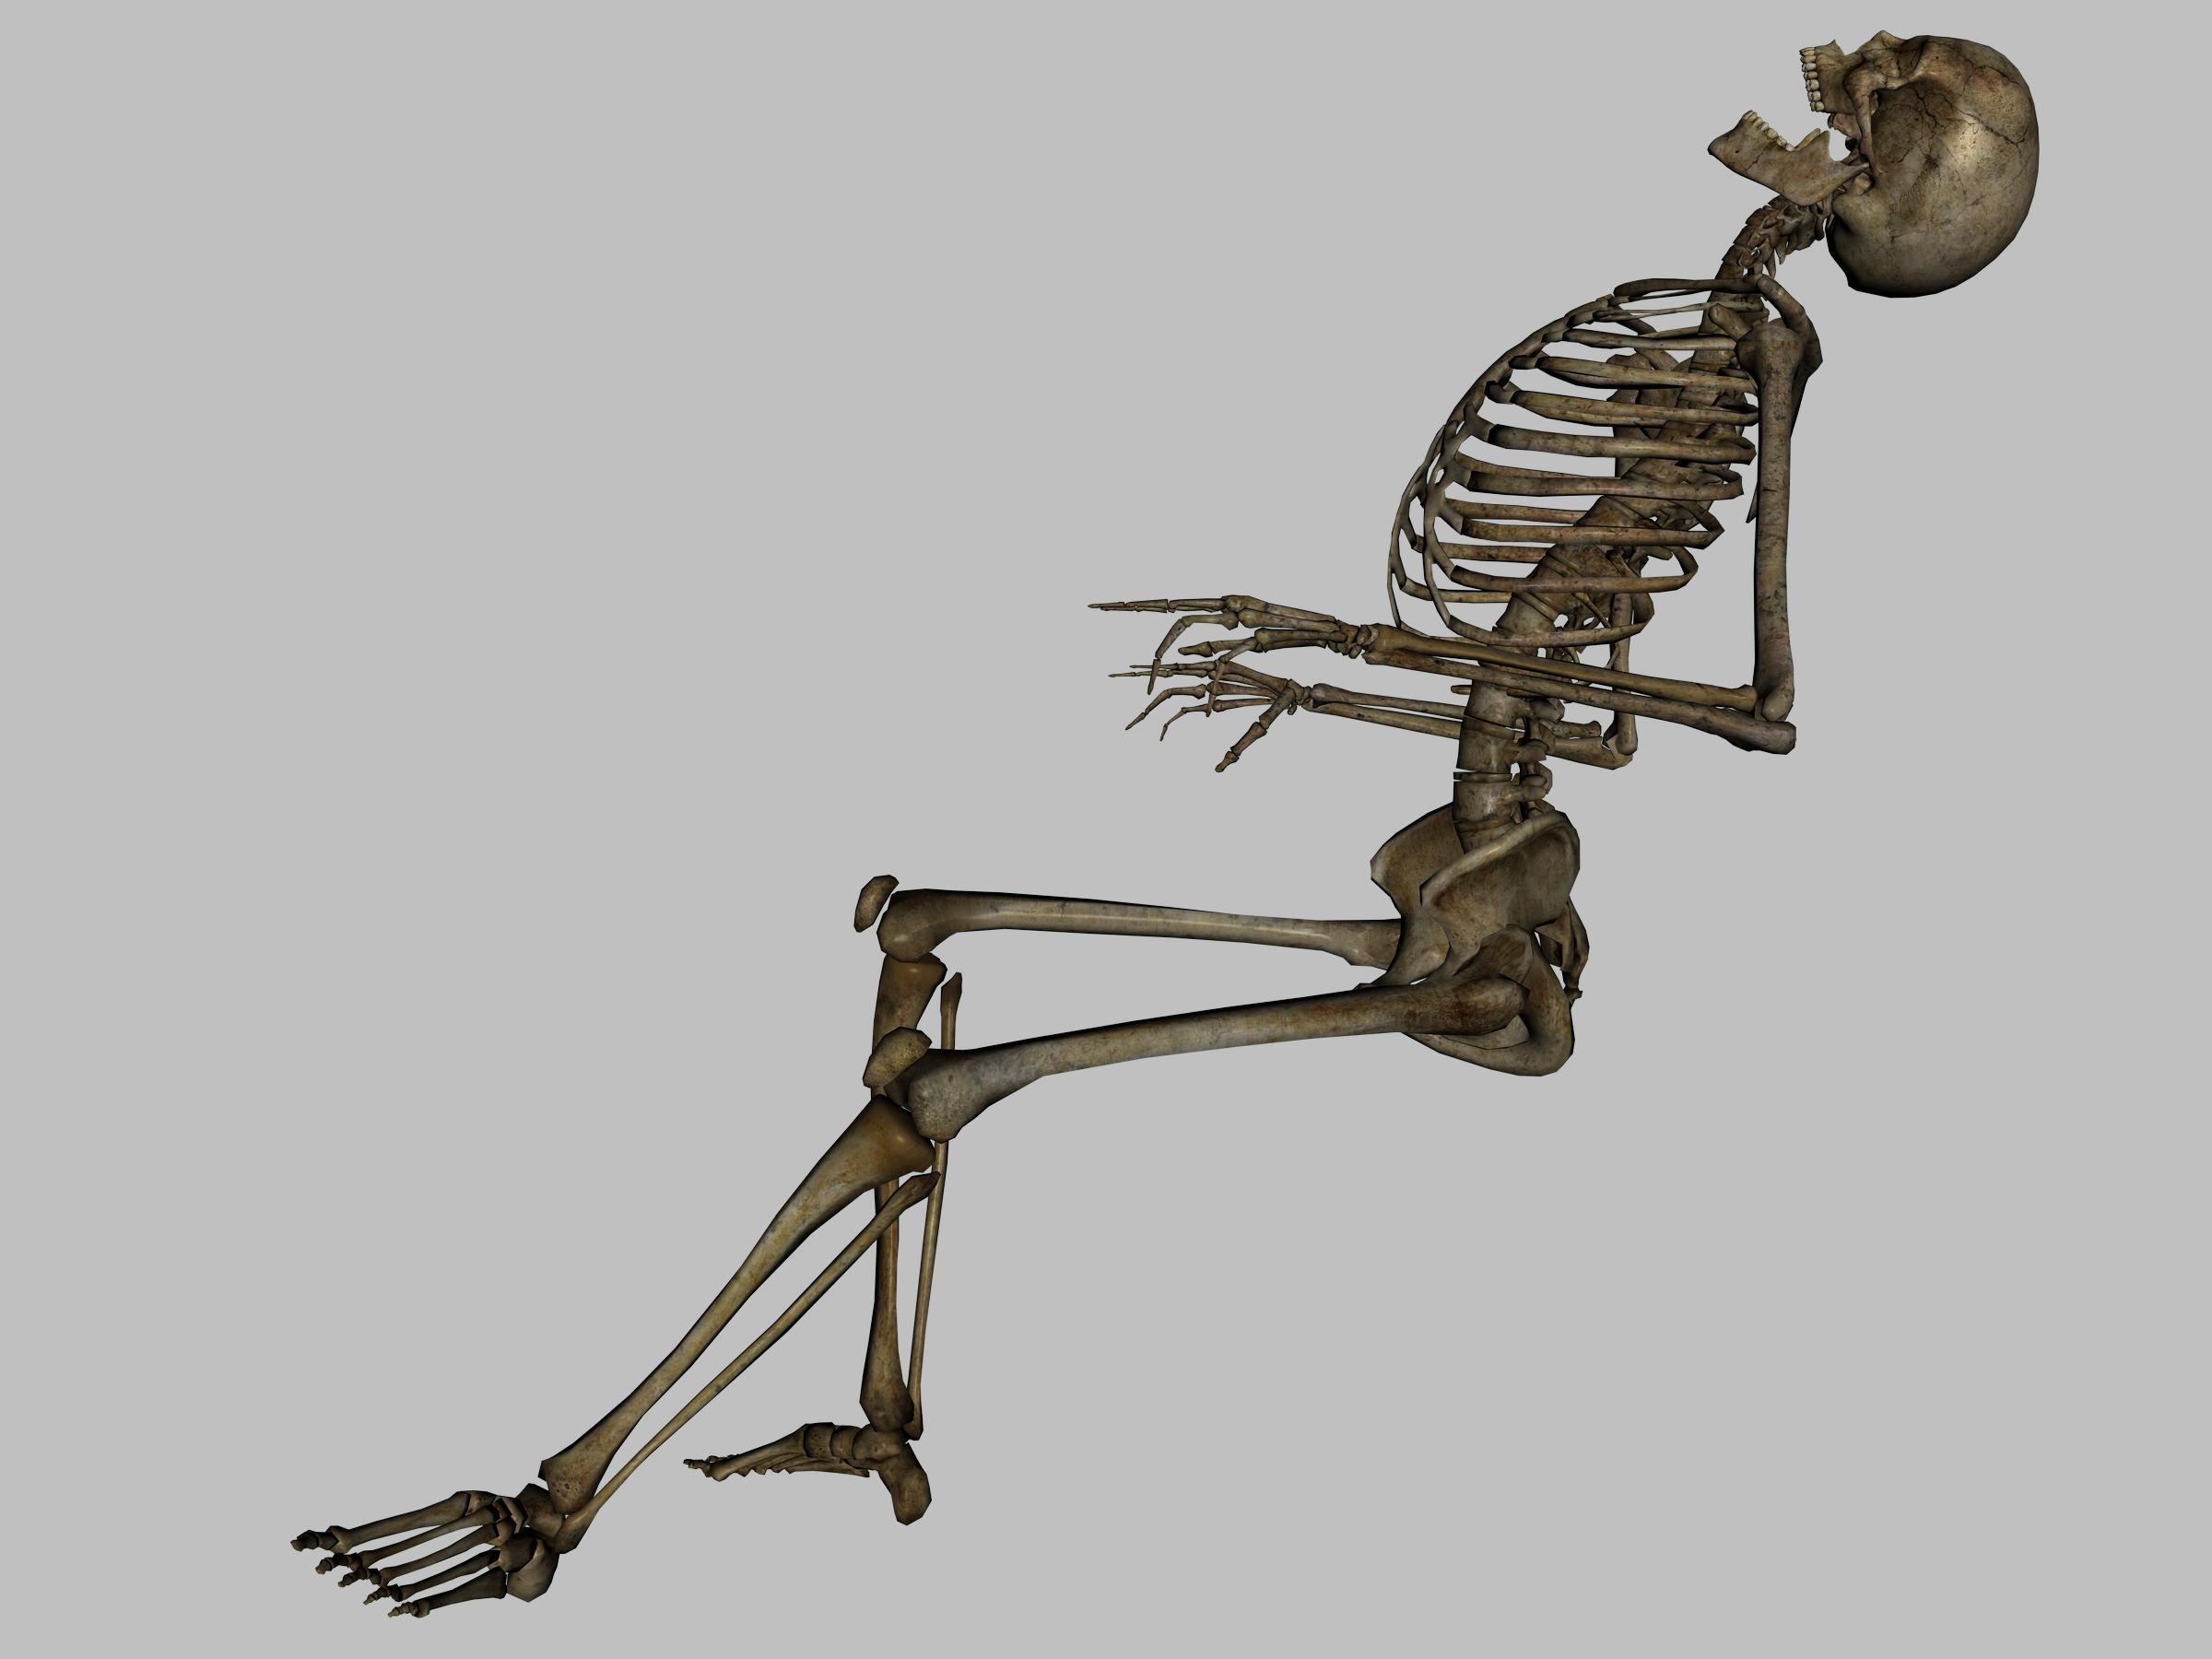 Skeleton Dead - JPG by markopolio-stock